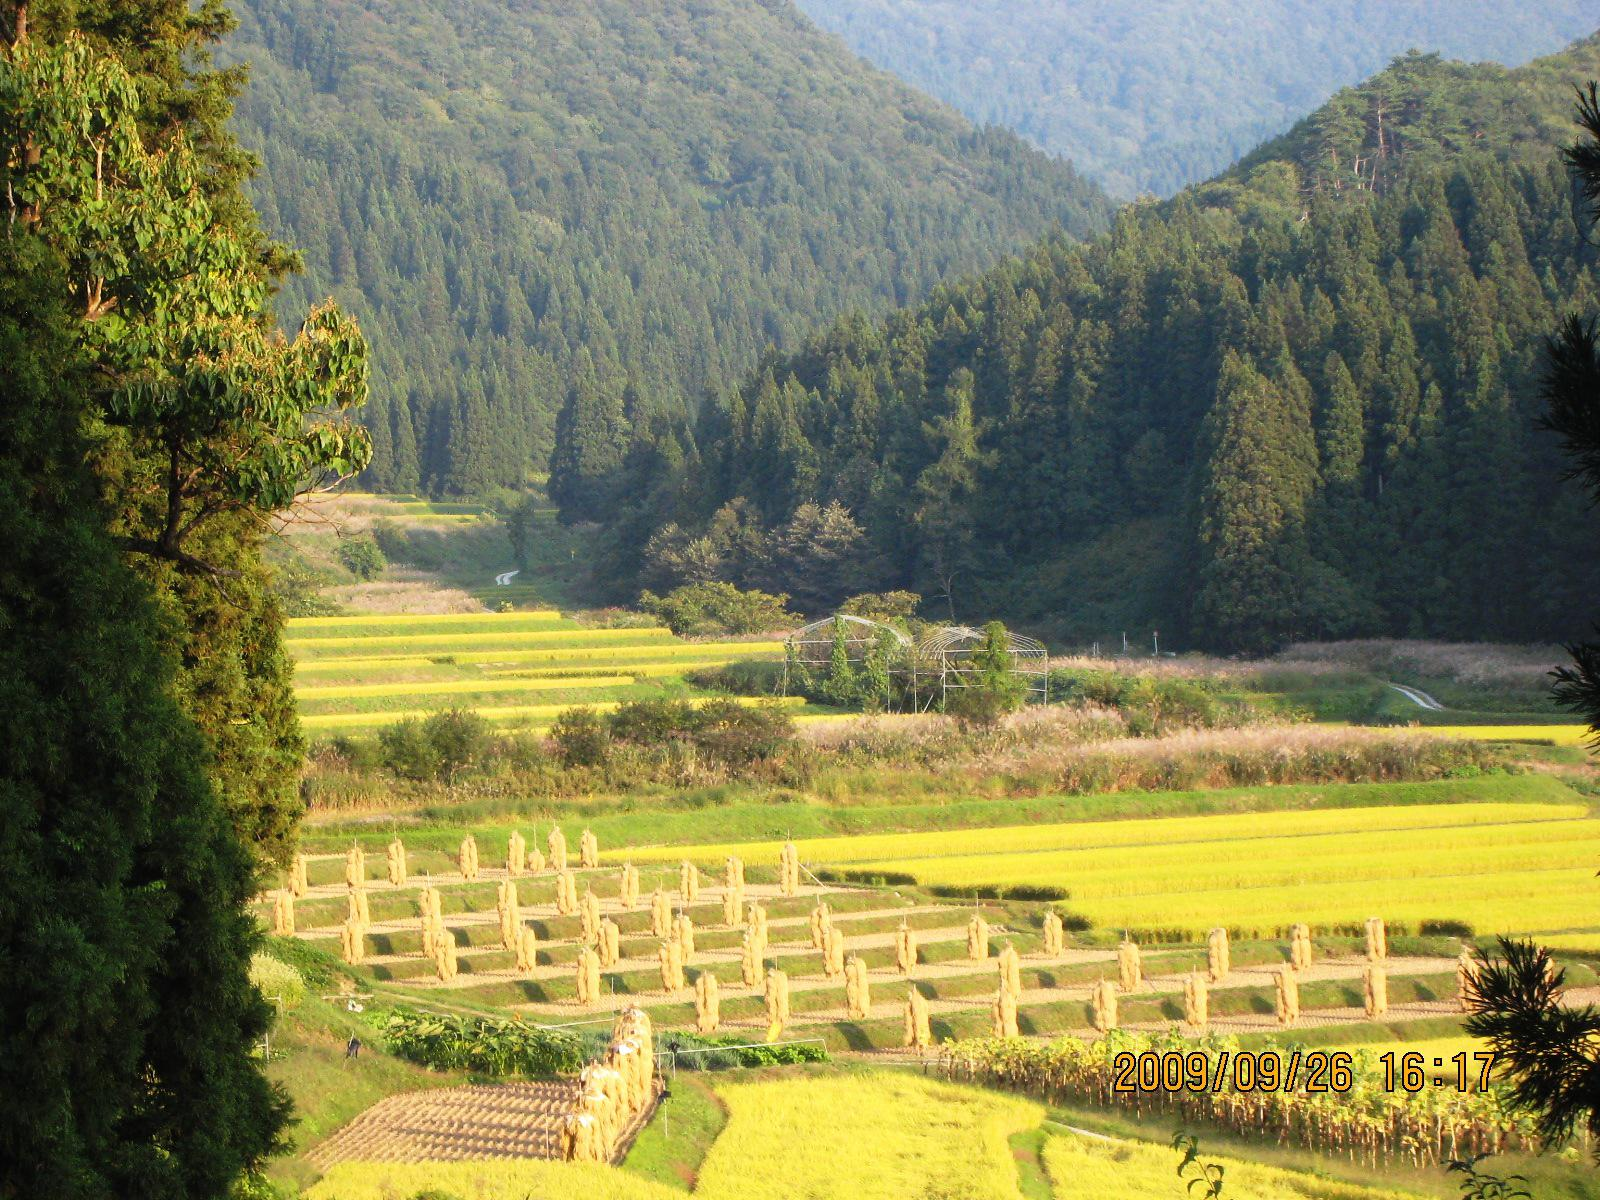 秋の味覚を楽しむ収穫ツアーinむらやま オンラインバスツアー参加者募集